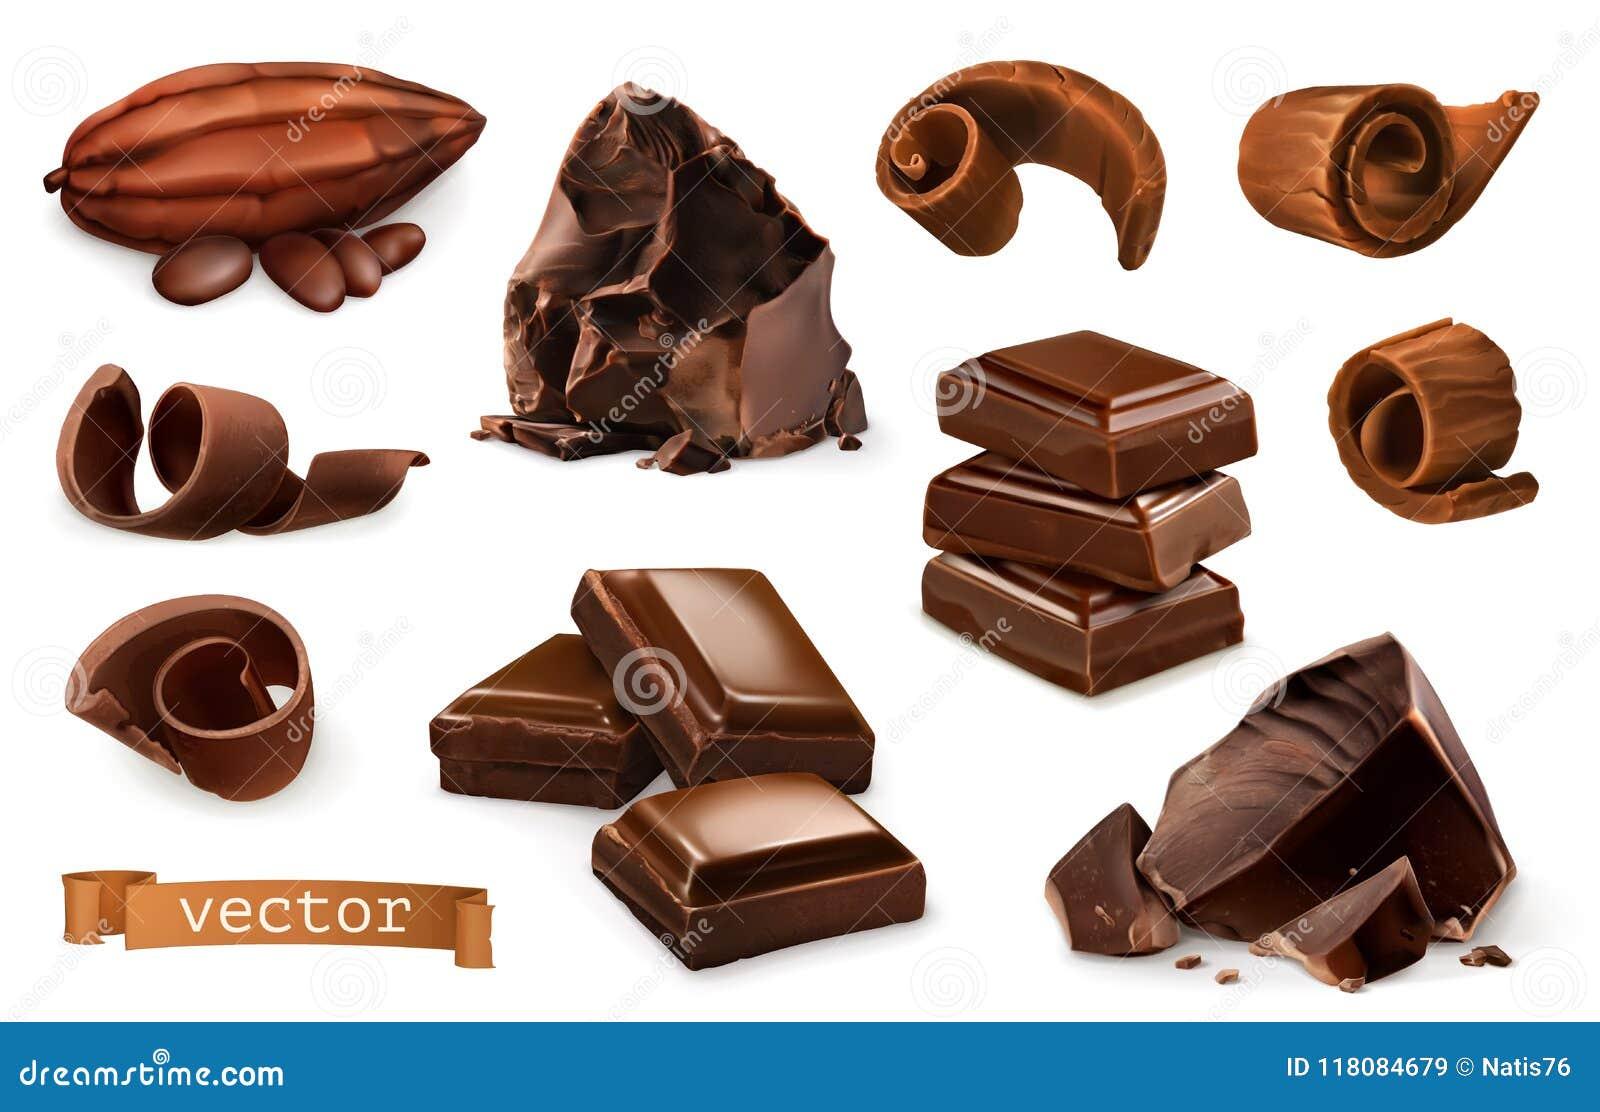 Chocolat Morceaux, copeaux, fruit de cacao ensemble d icône du vecteur 3d